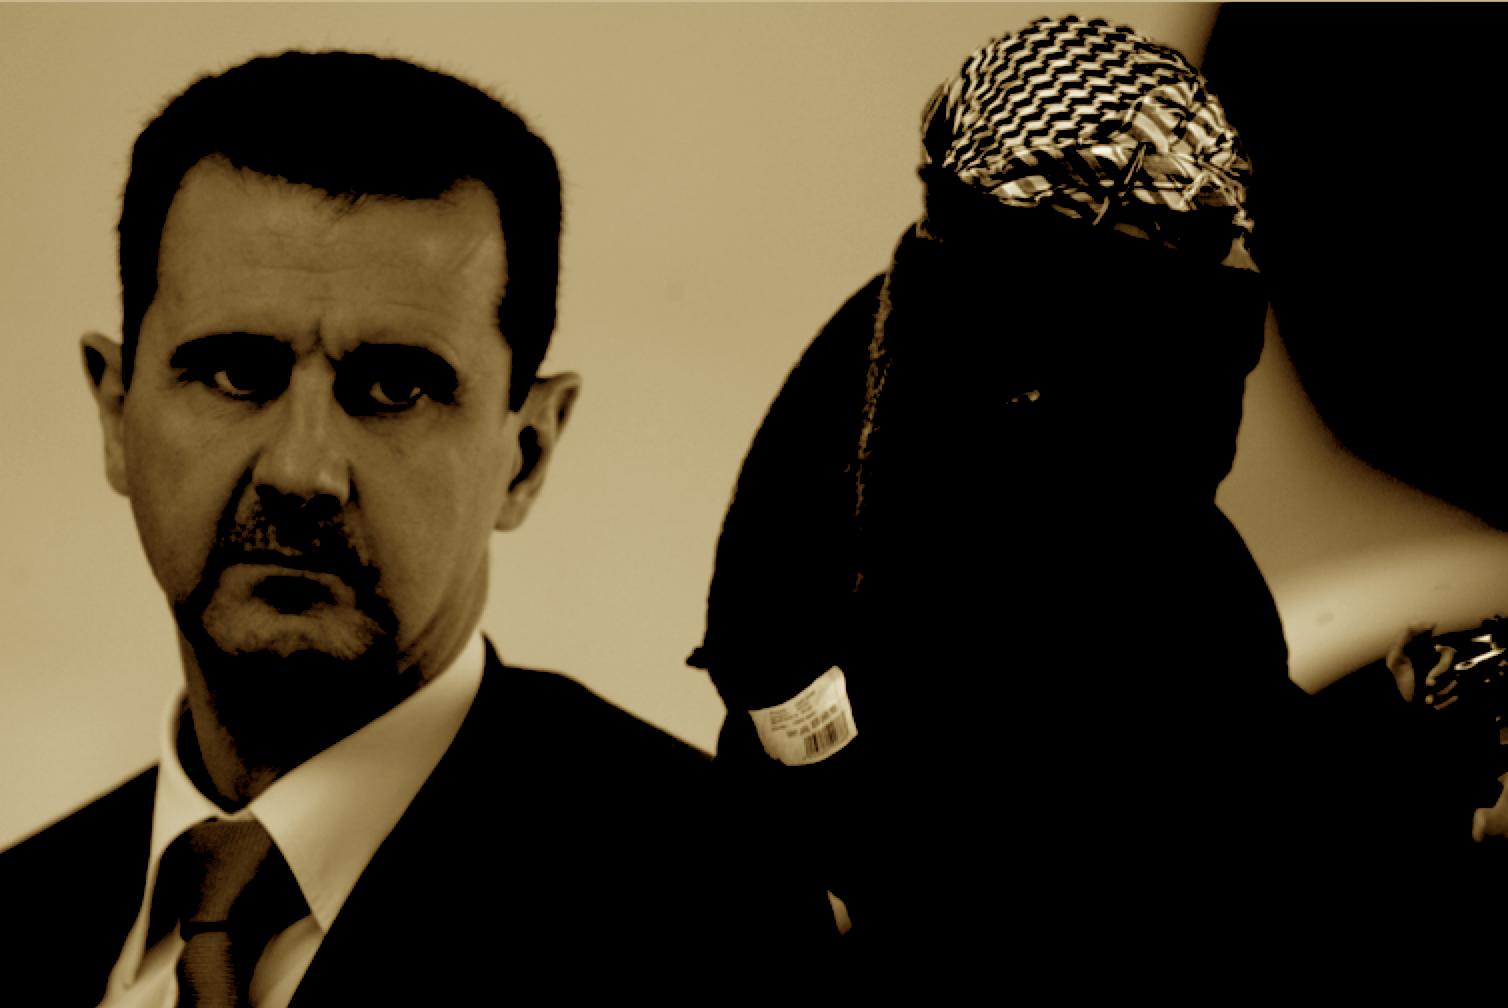 الأسد وصعود تنظيم الدولة - MPC Journal